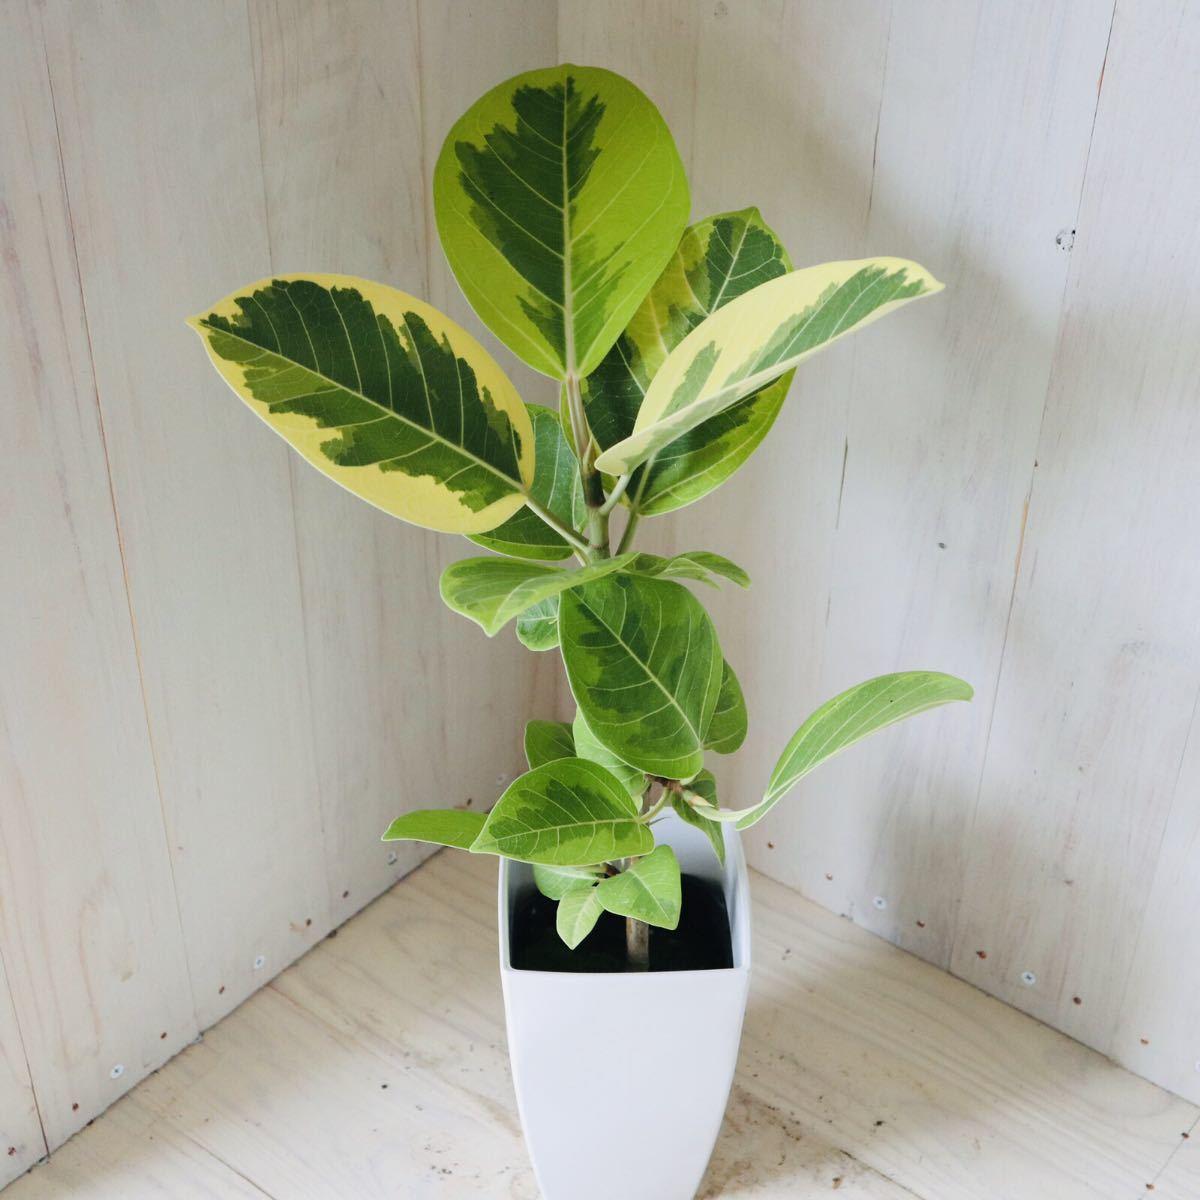 斑入り ゴムの木 フィカス アルテシーマ 4号ポット 観葉植物